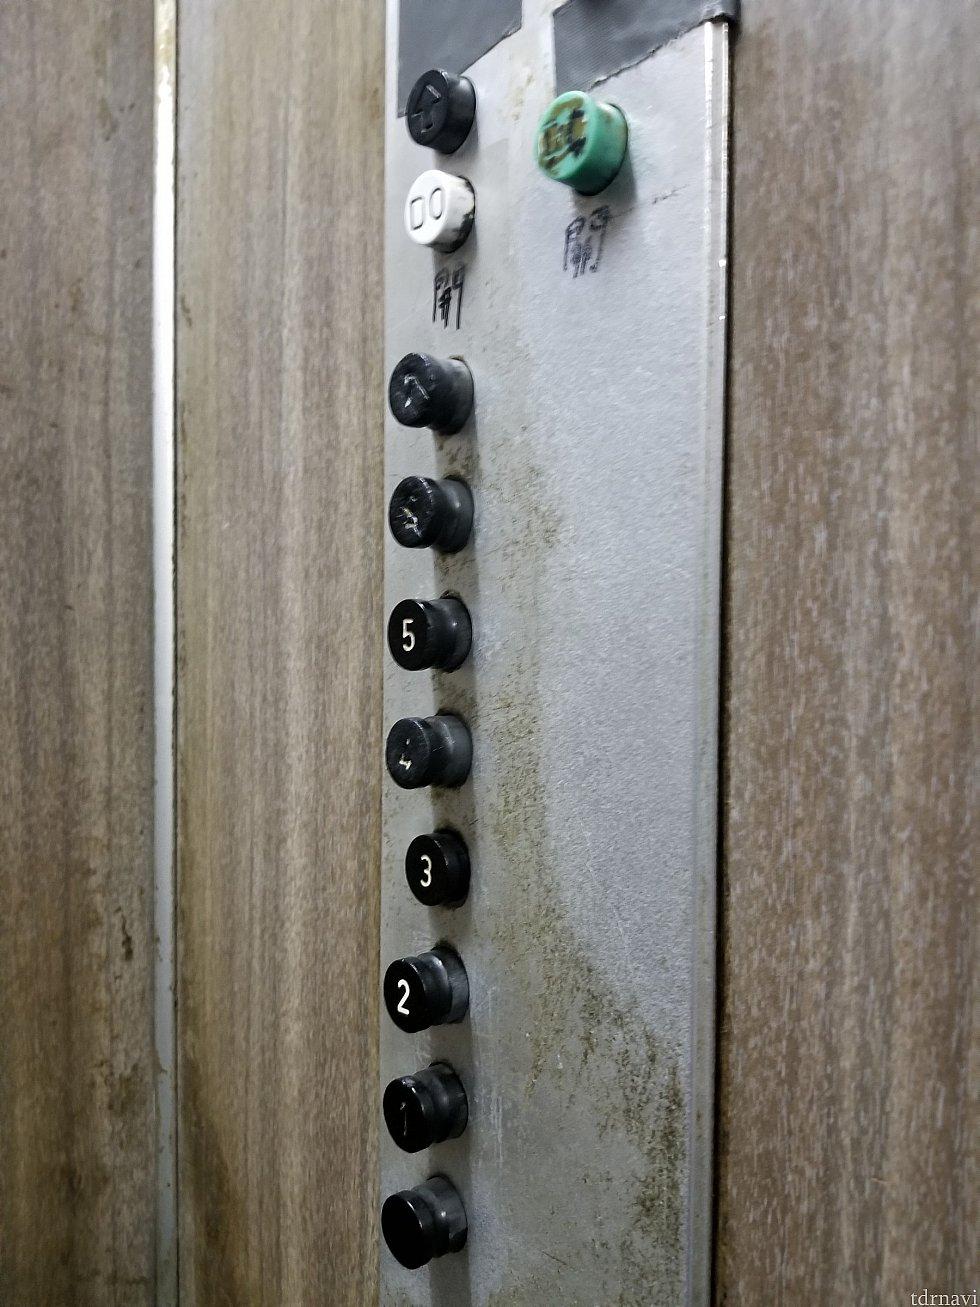 エレベーター内のボタン 行きたい階をポチリ 着くとボタンは戻ります 乗る時ちょっとドキドキしました😅